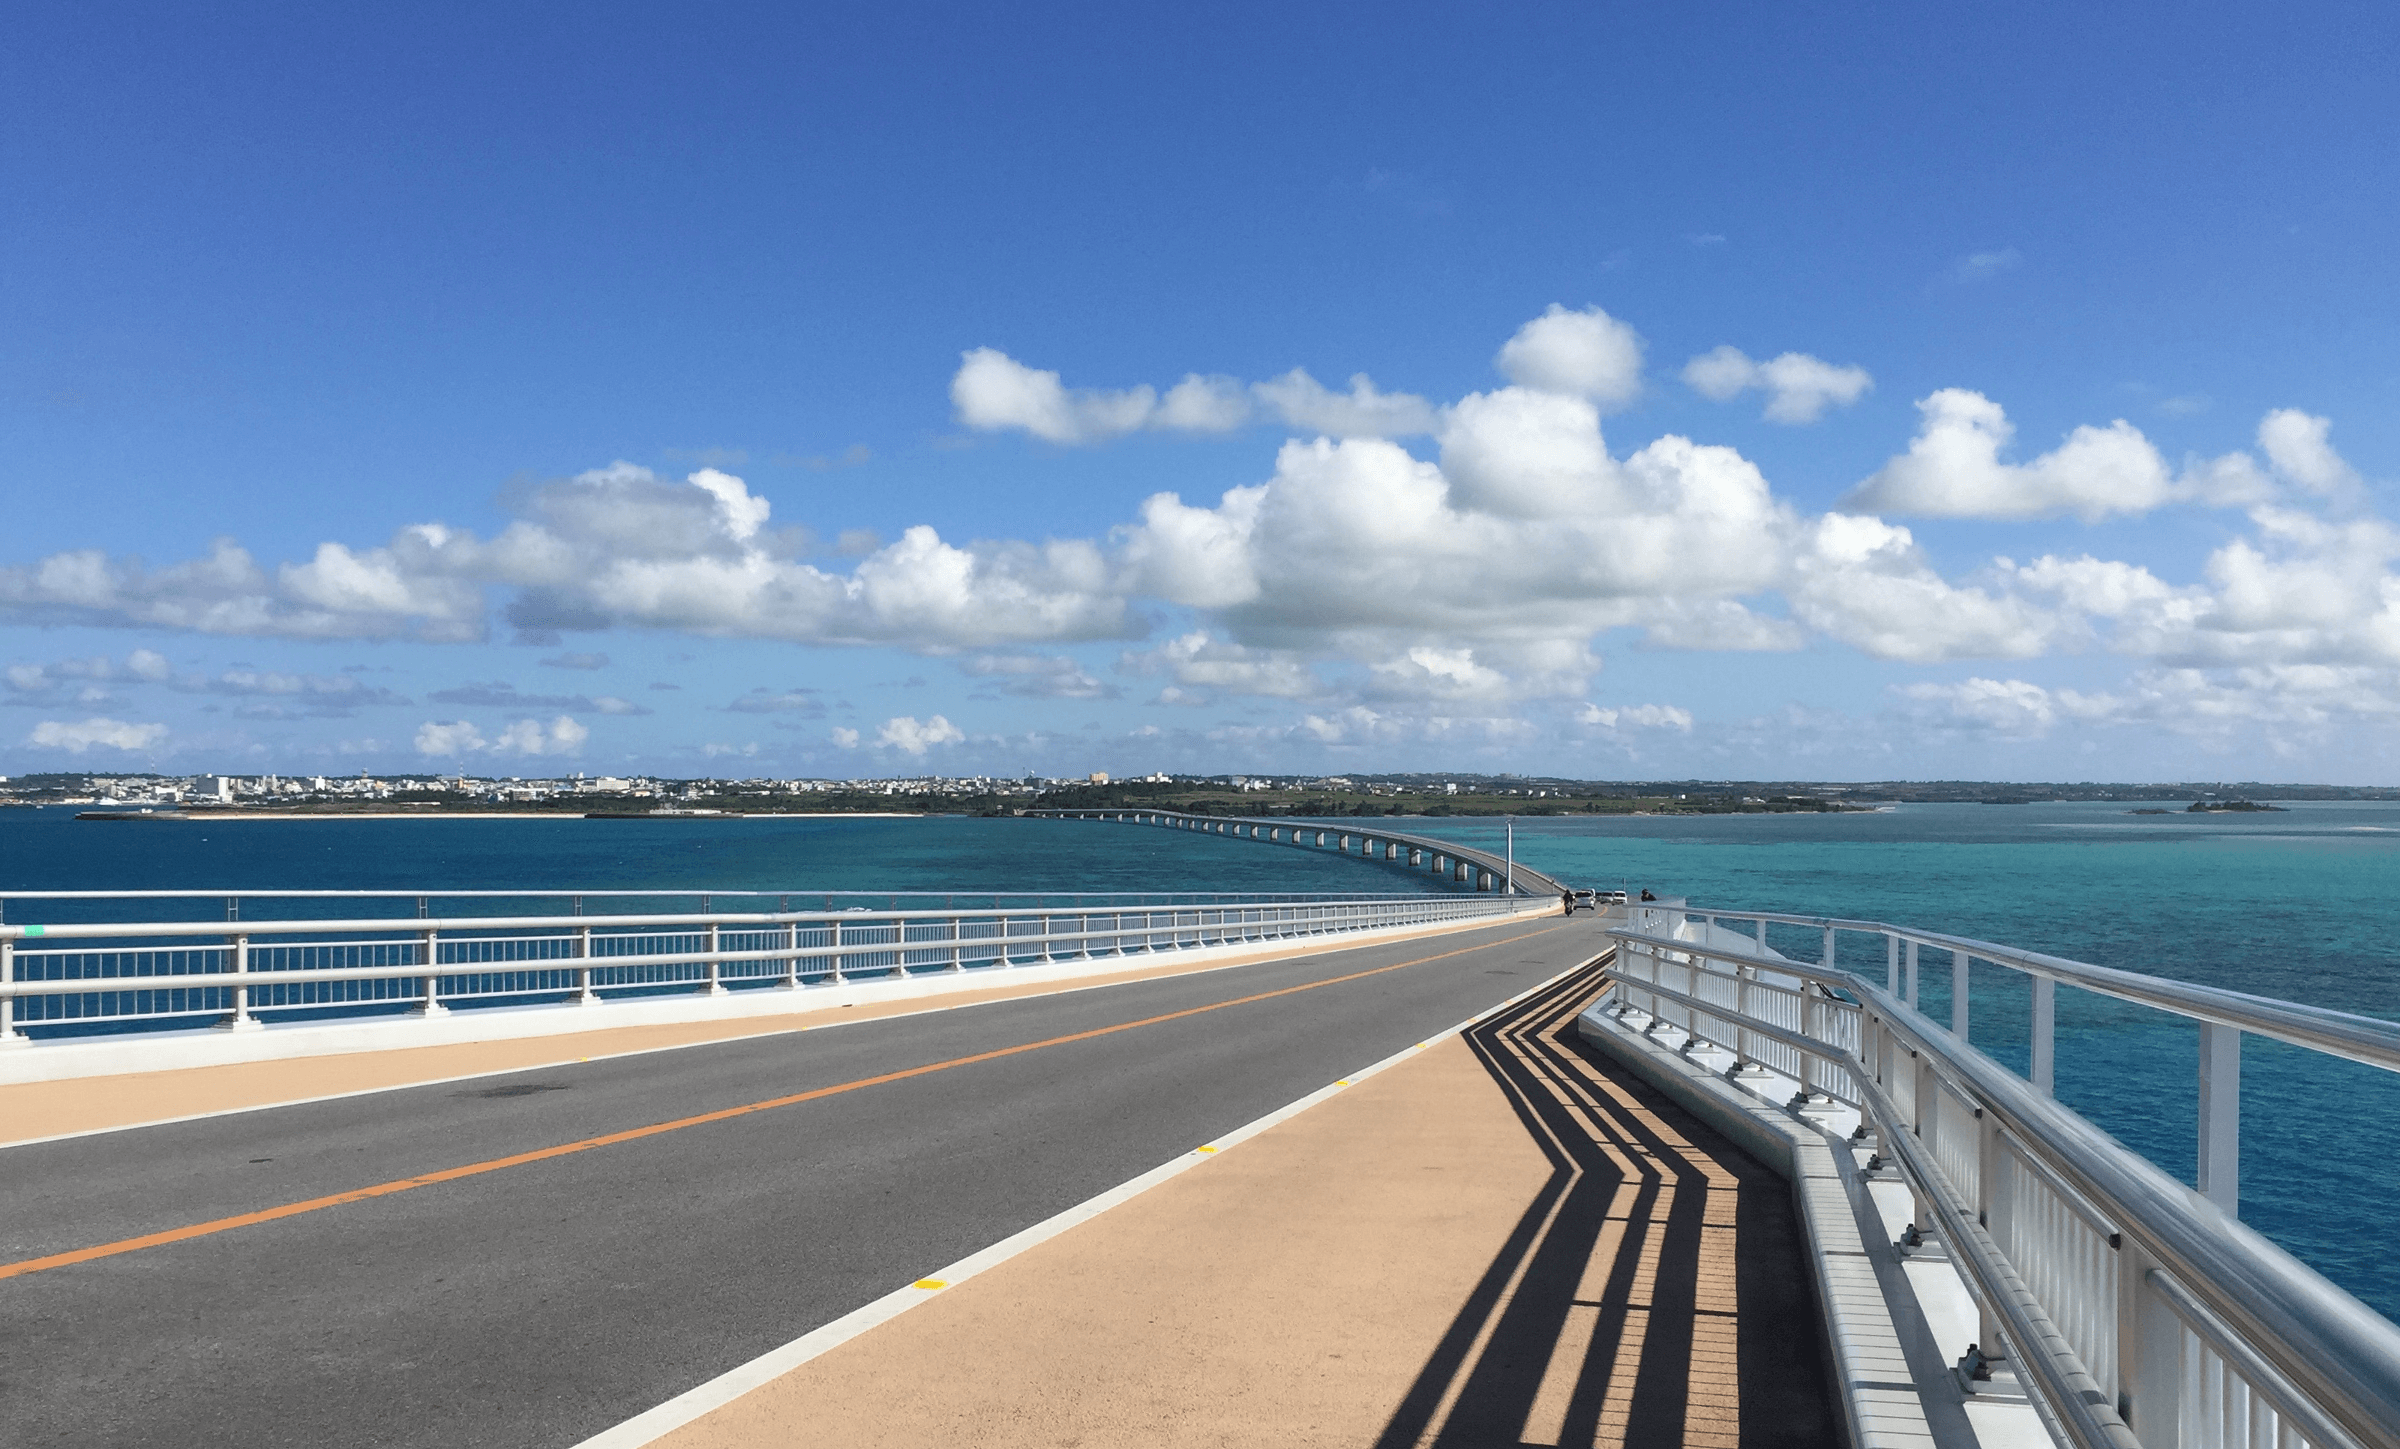 伊良部大橋の上で宮古島を振り返る